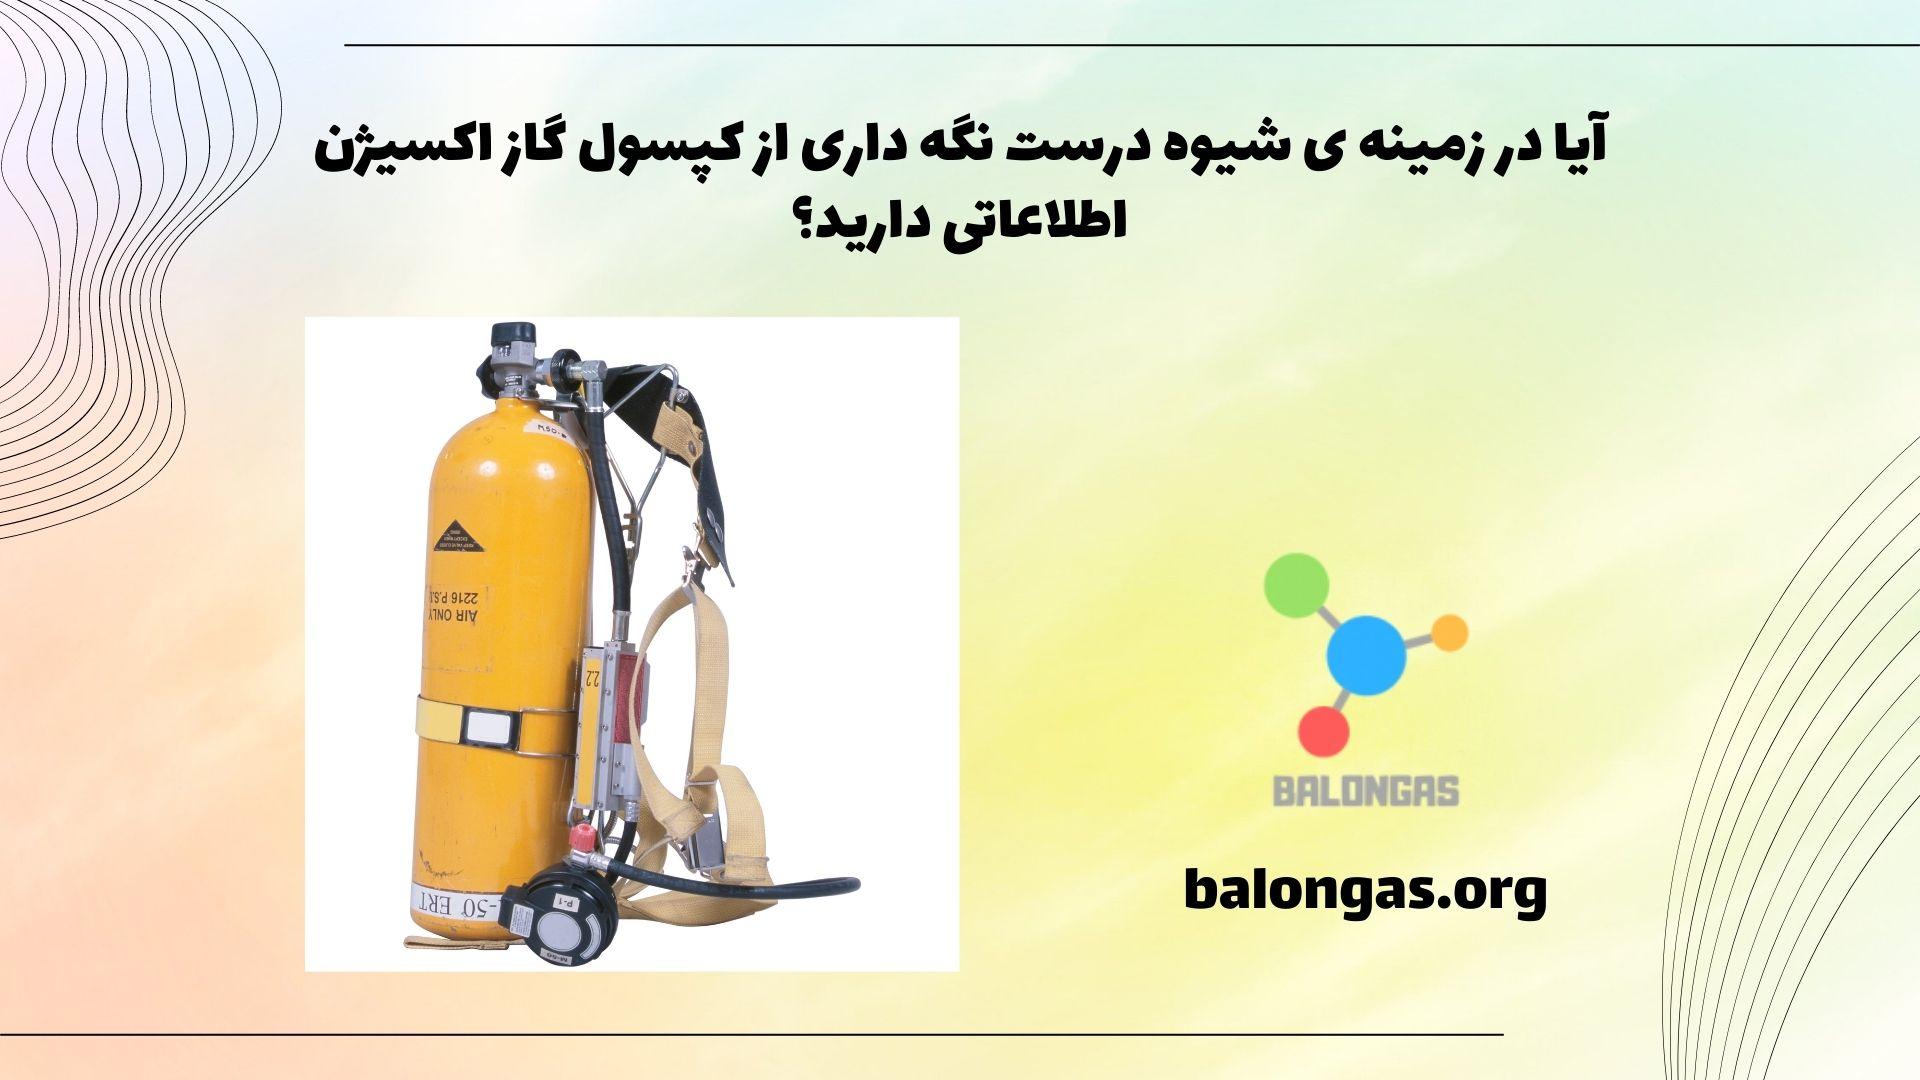 آیا در زمینه ی شیوه درست نگهداری از کپسول گاز اکسیژن اطلاعاتی دارید؟